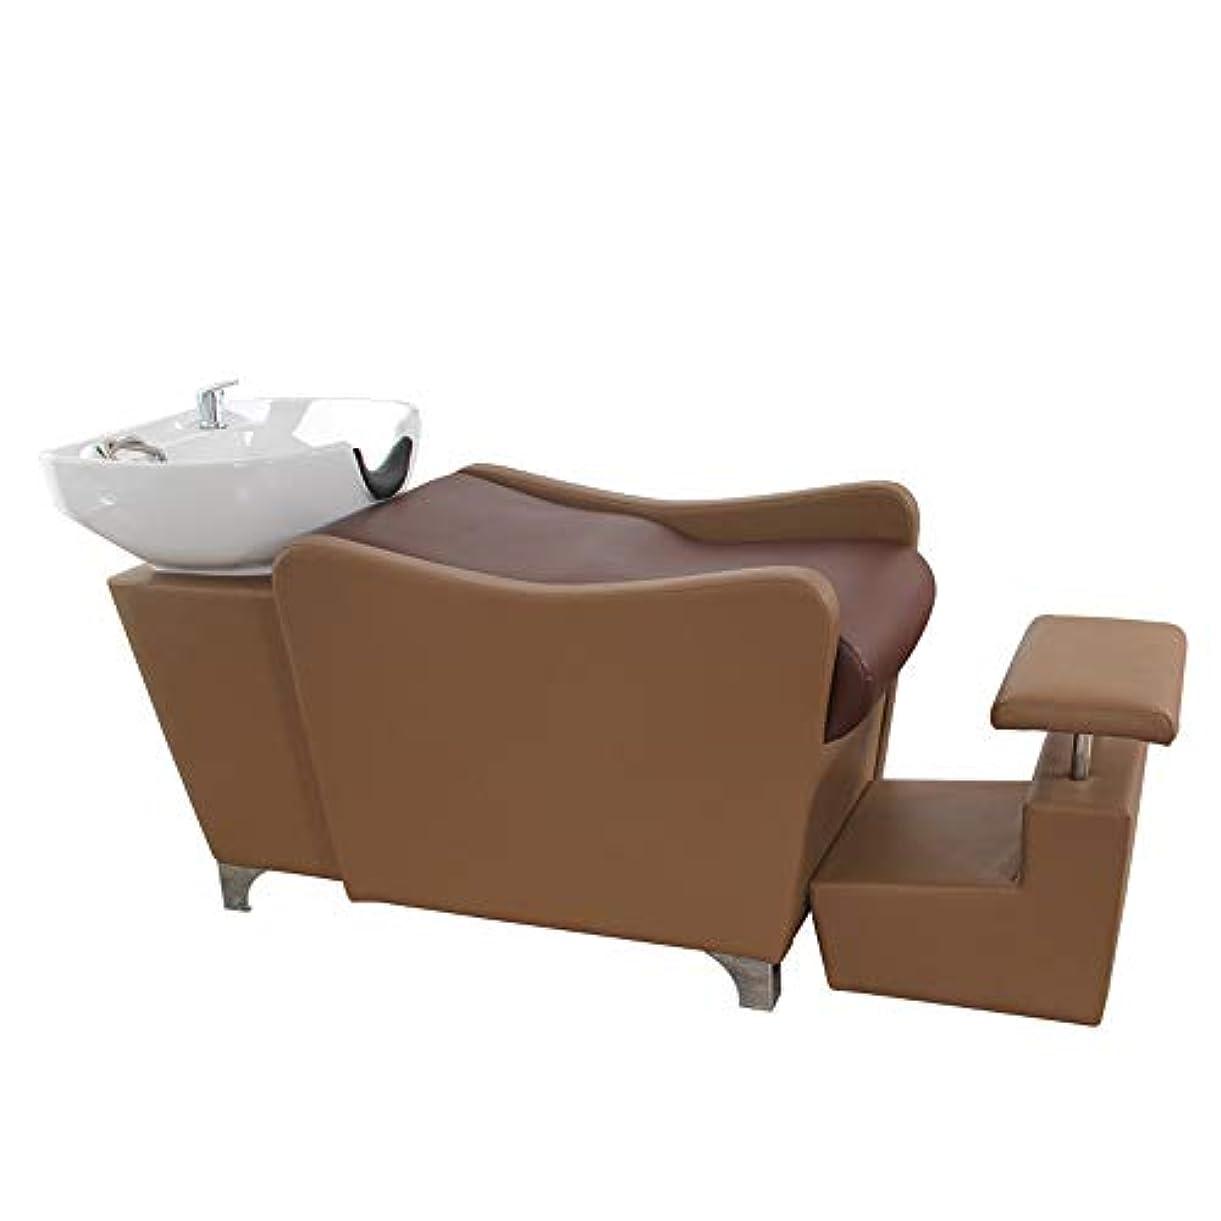 タイピストもろい幼児シャンプーチェア、理髪店の逆洗ユニットシャンプーボウル理髪シンクの椅子用スパ美容院機器(ブラウン)